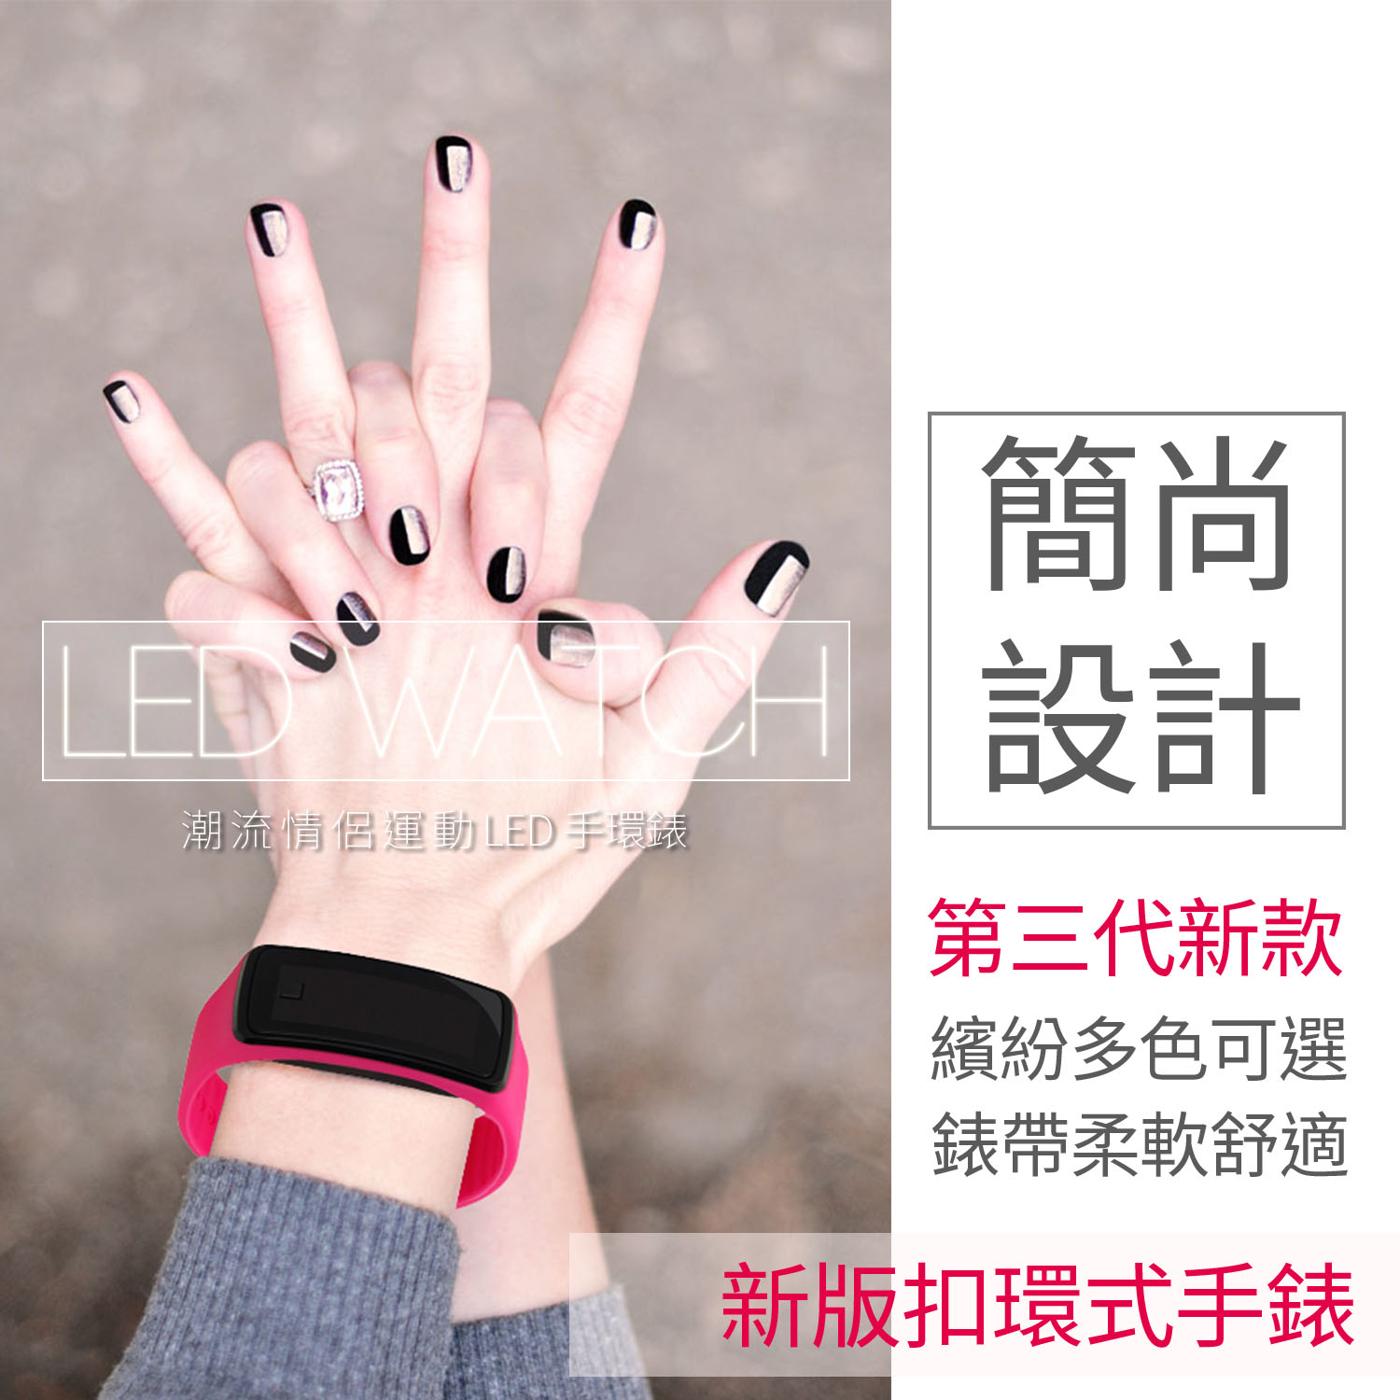 第三代LED發光運動手錶FA-016手環運動手環錶跑步用情侶錶果凍錶繽紛多彩